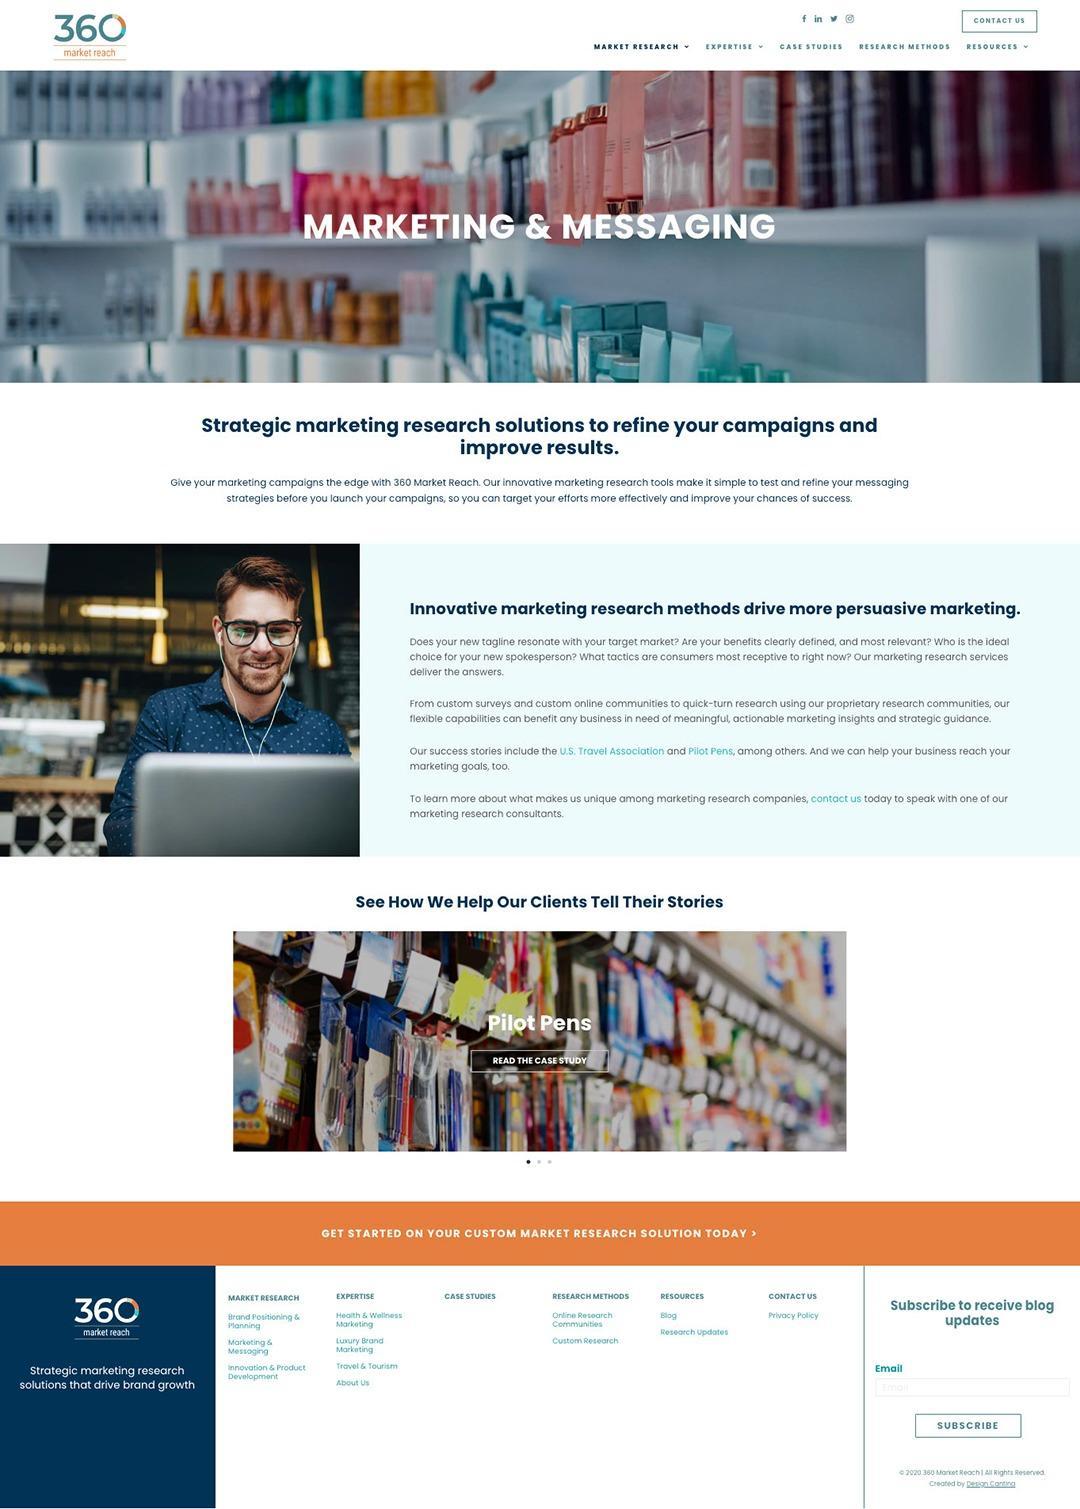 360-market-reach-website-marketing-page